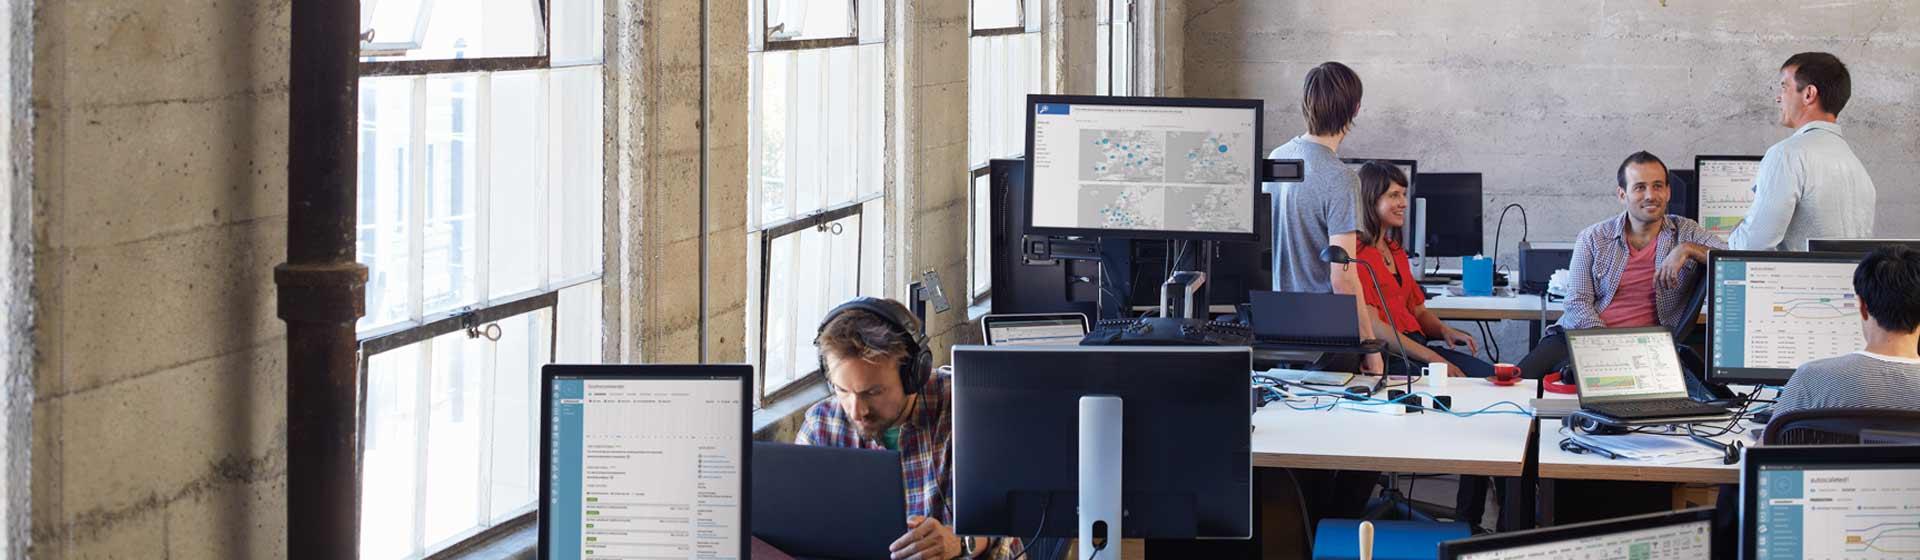 Munkatársak egy csoportja, íróasztalaik körül ülnek és állnak egy irodában, amely tele van az Office 365-öt futtató számítógépekkel